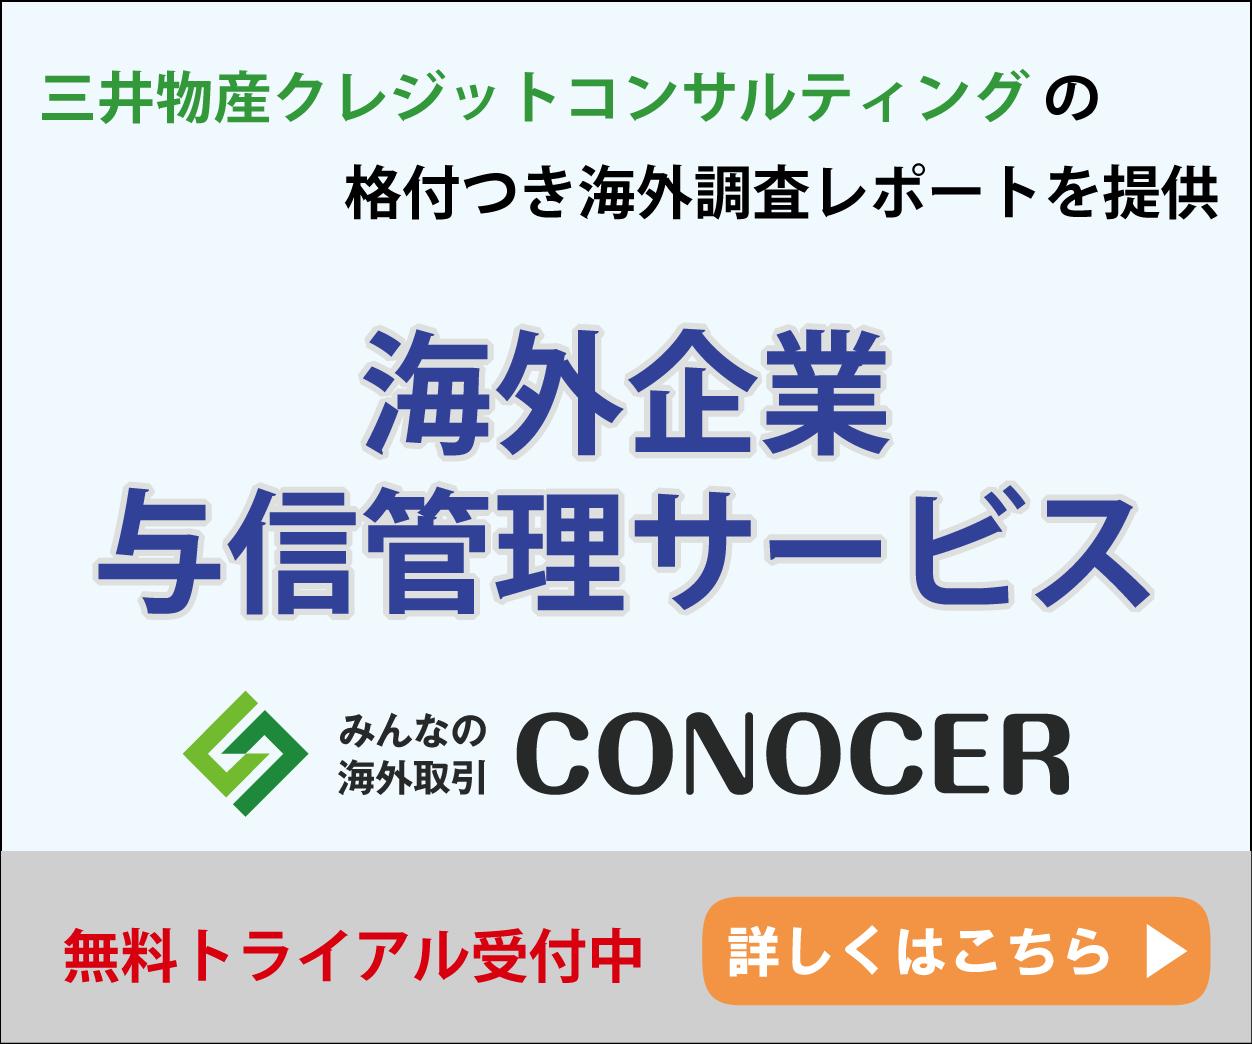 海外取引  に関するリスクを分かりやすく紐解き、組立て、解決するWEBサービス CONOCER(コノサー)